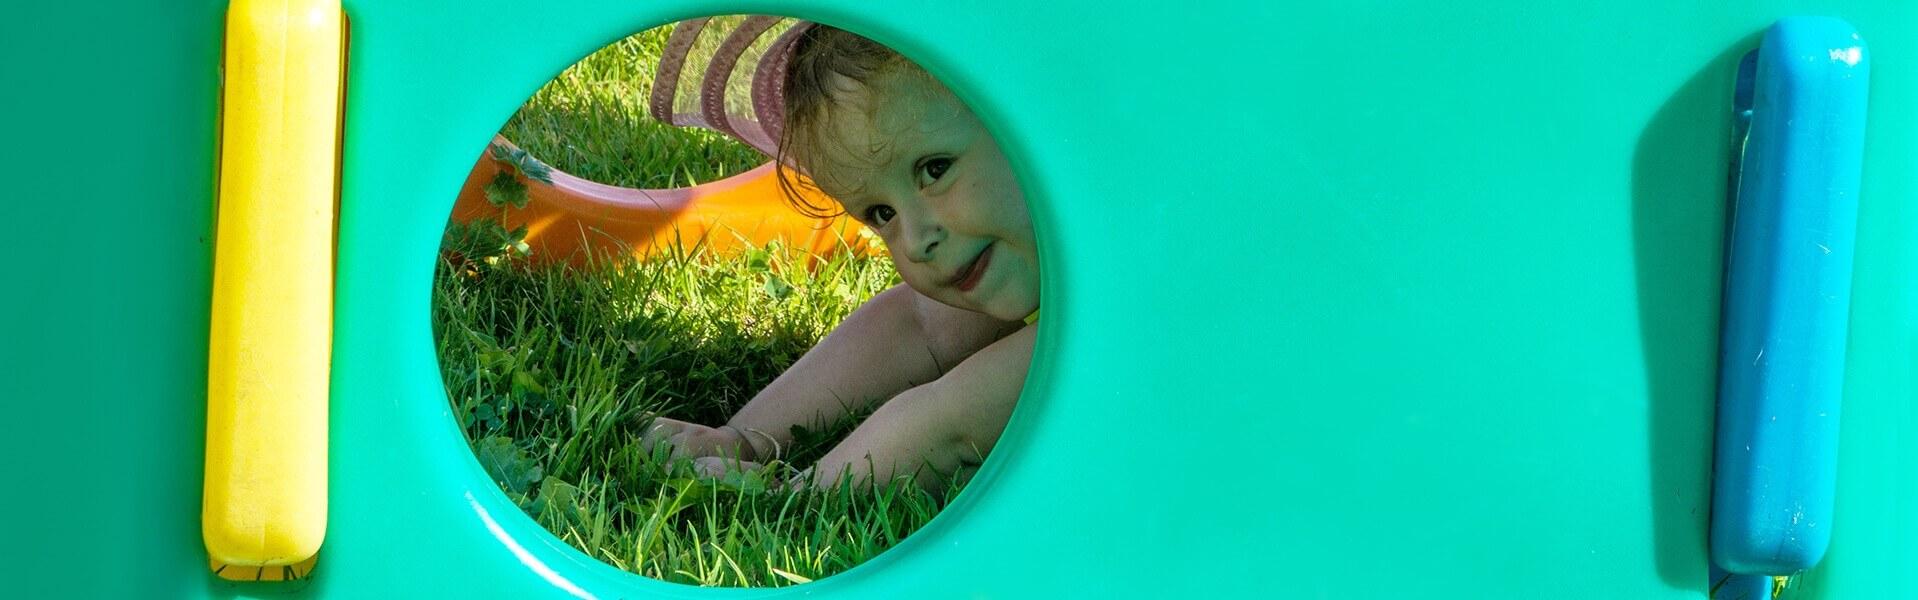 Rhydyfelin Play school Child care